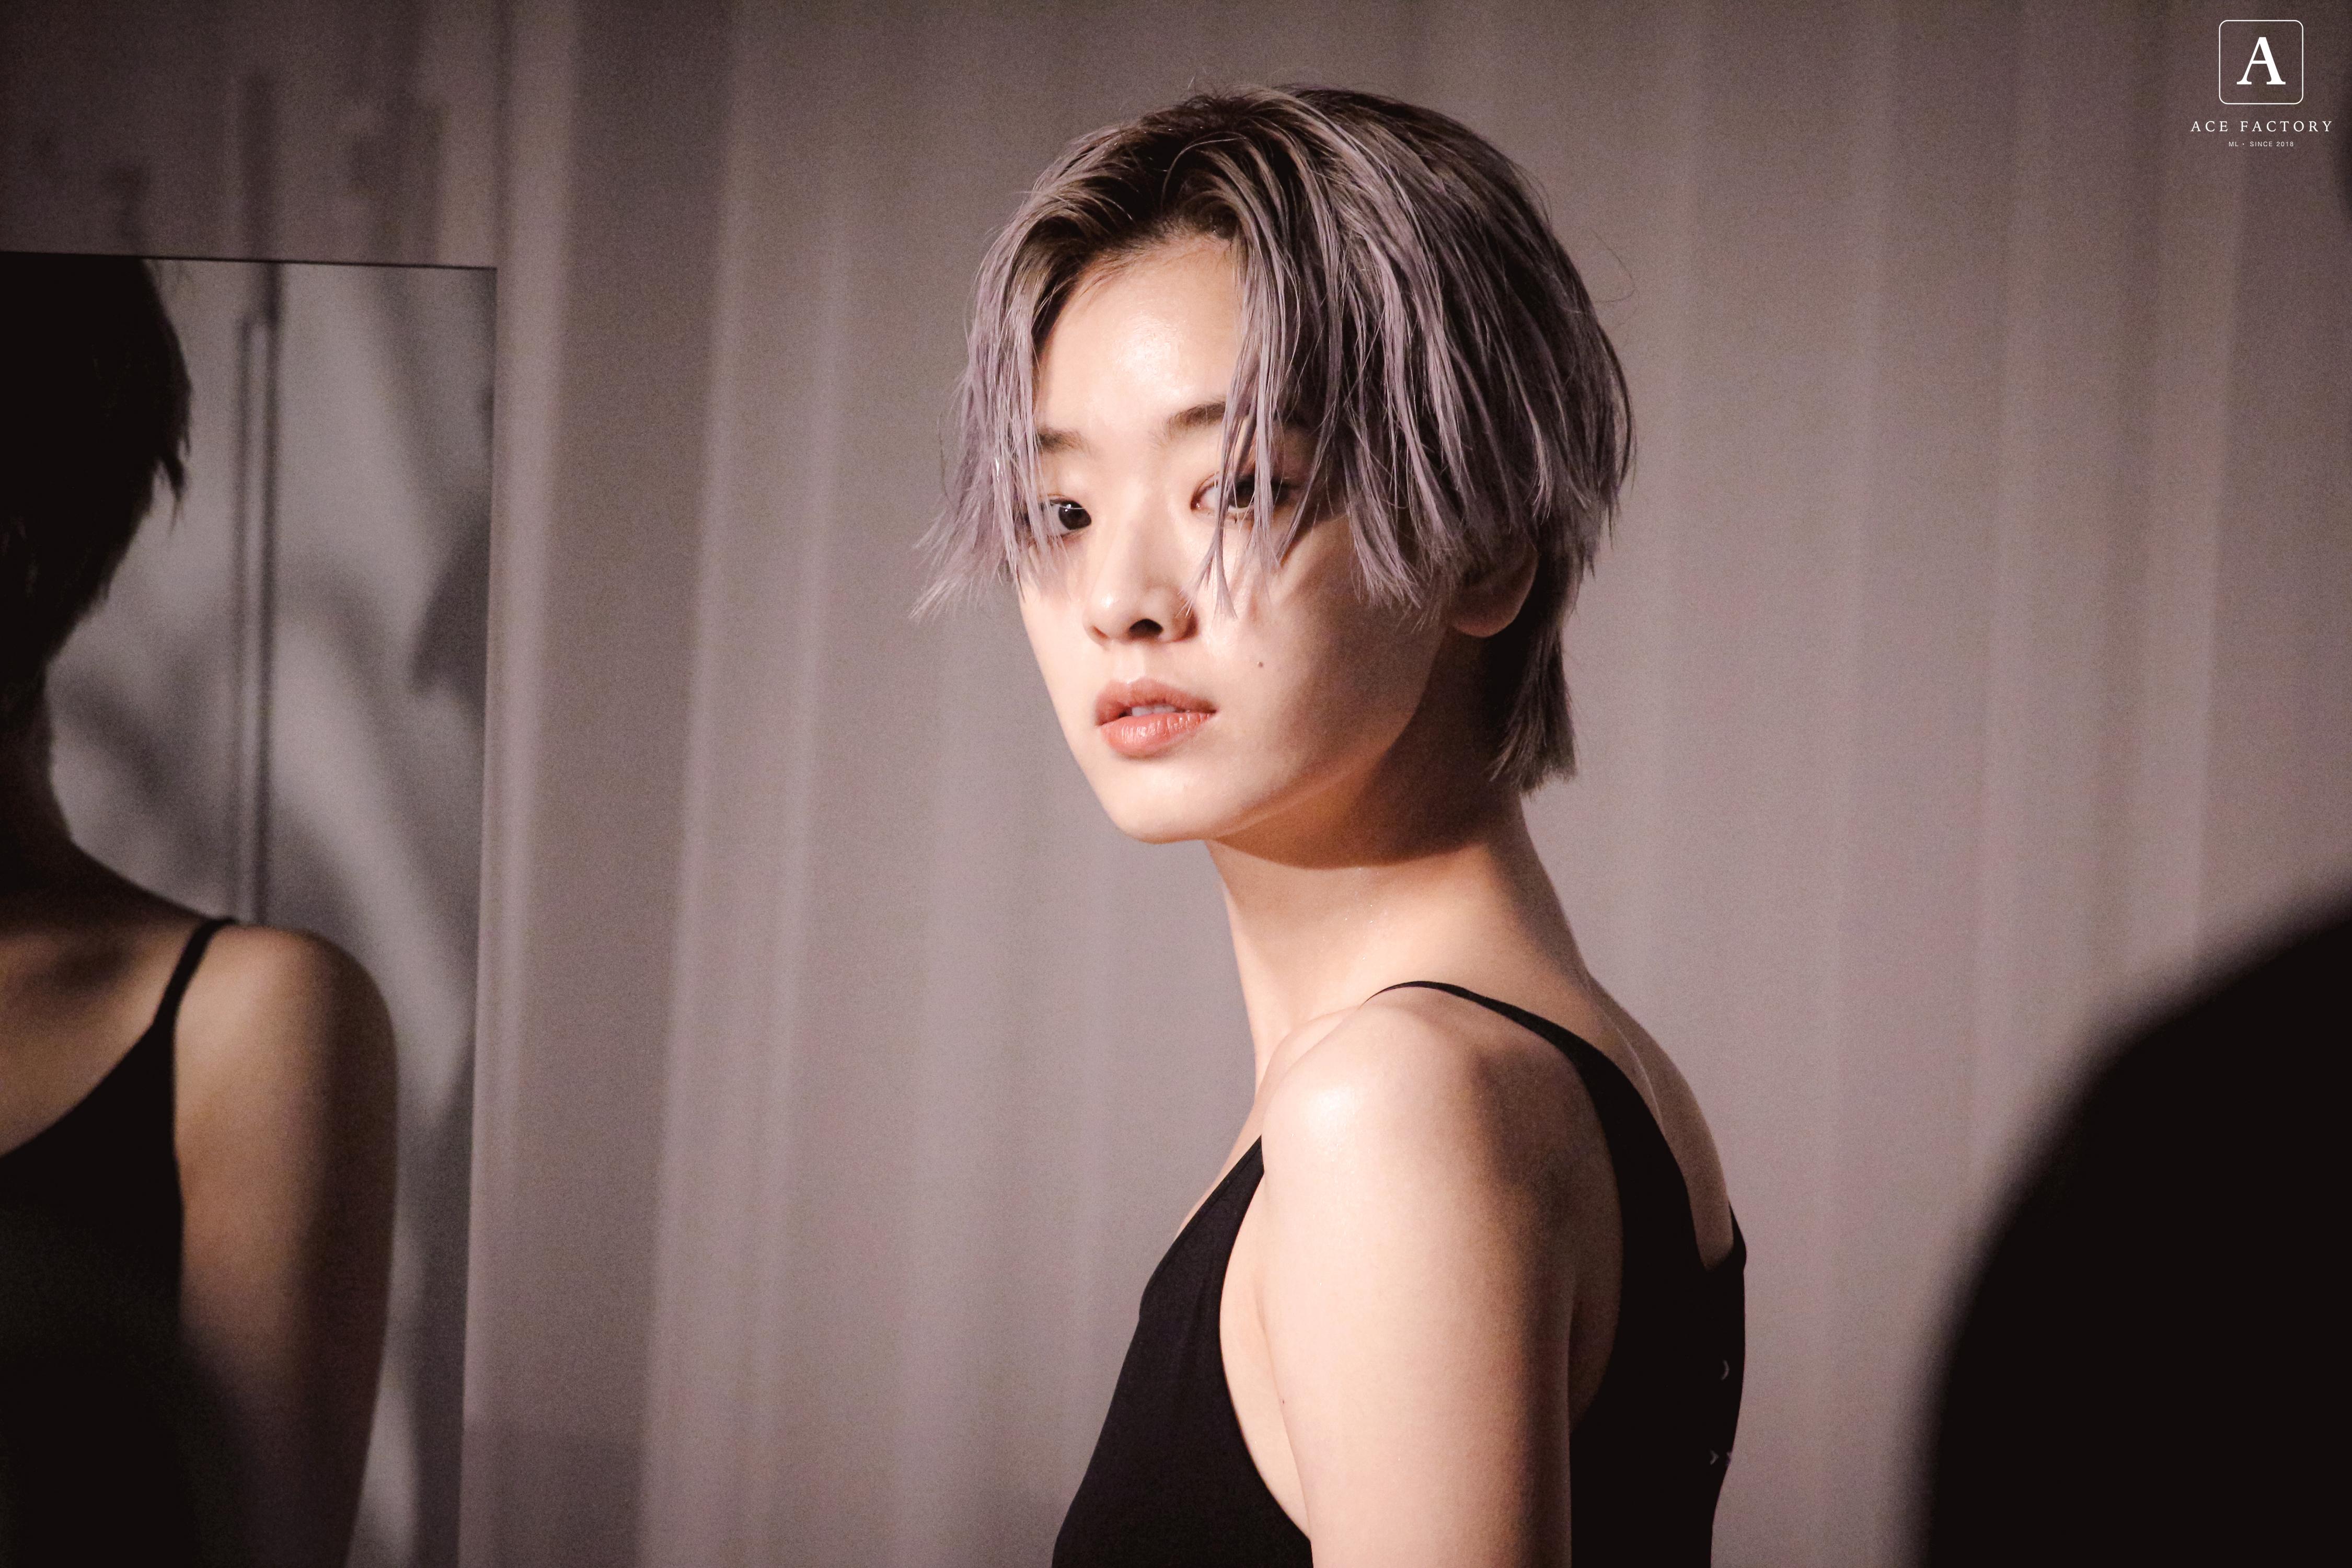 '이태원 클라쓰' 마현이 뷰티모델 데뷔